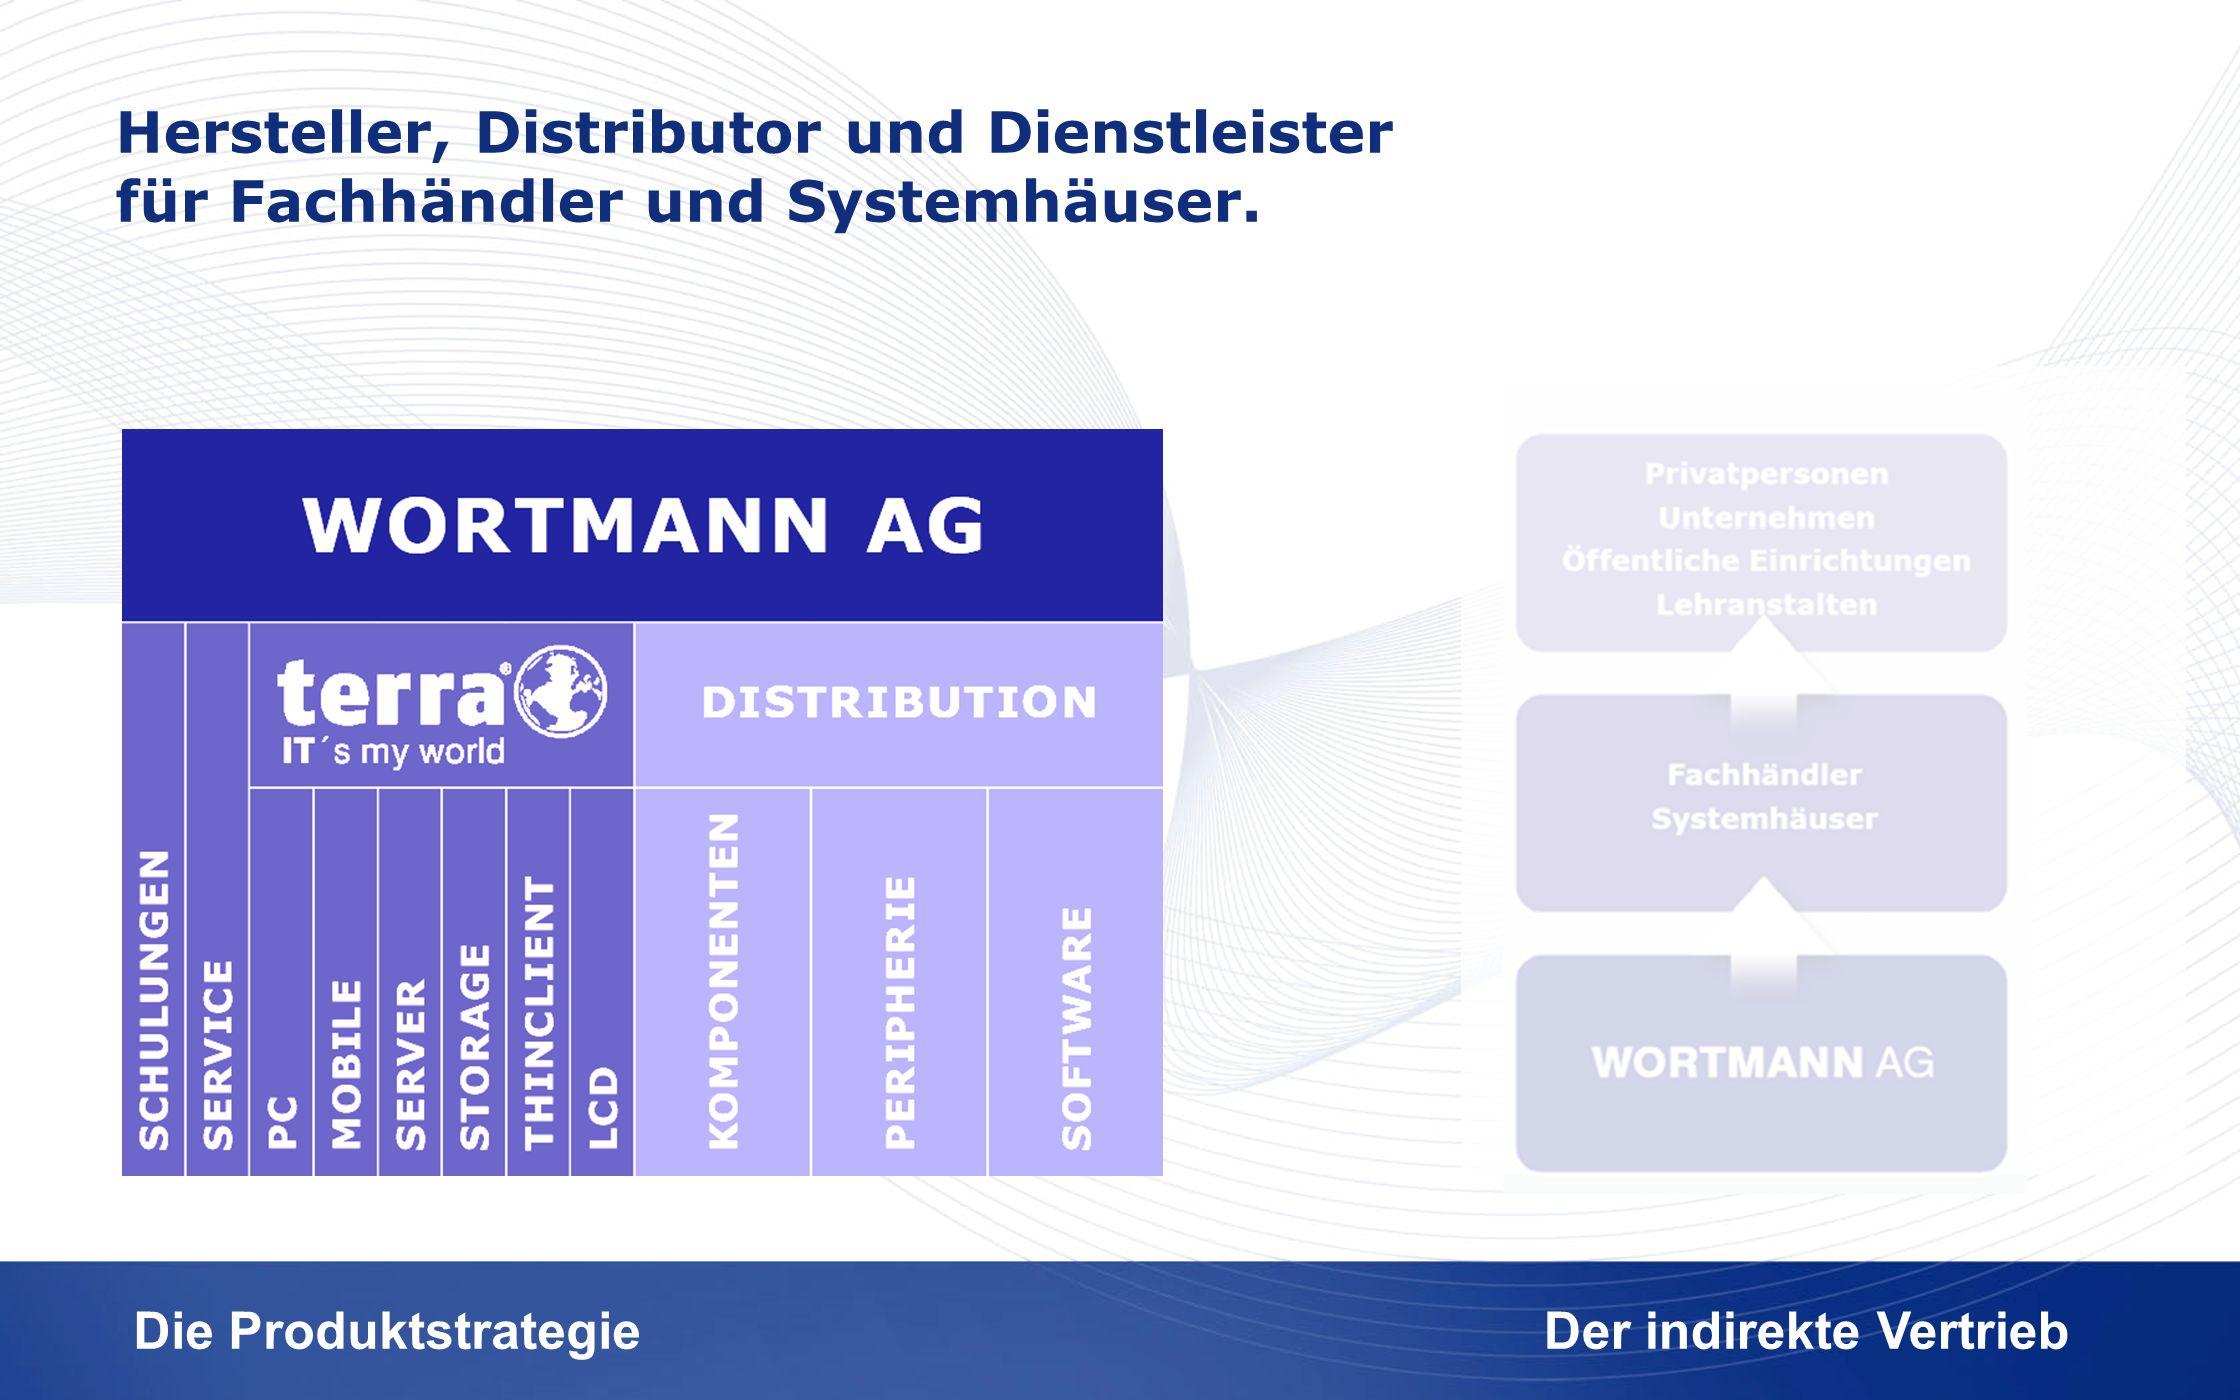 Hersteller, Distributor und Dienstleister